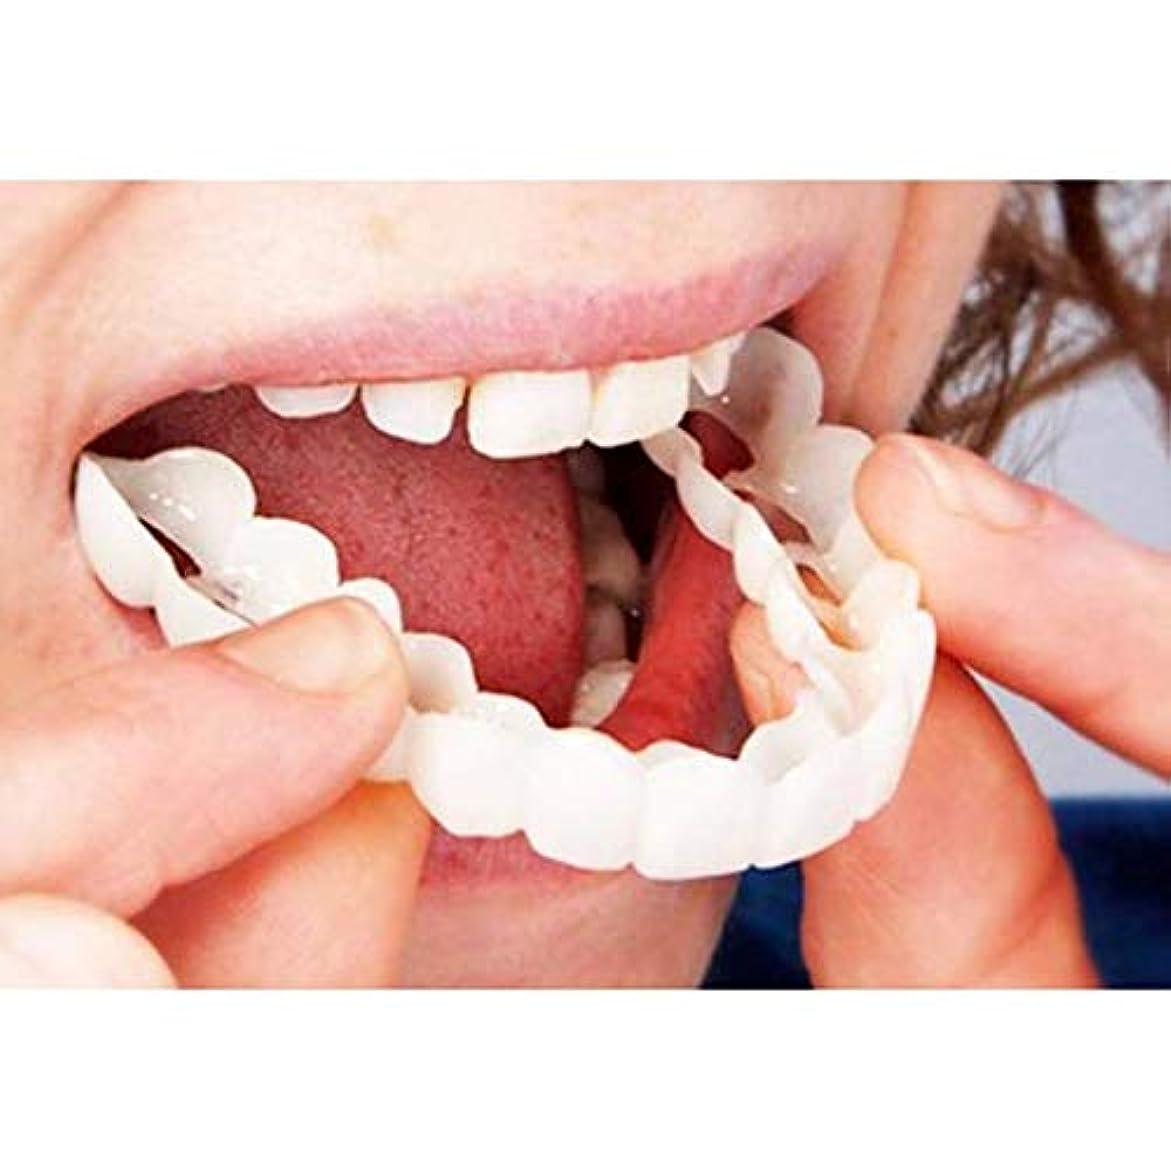 レンディションブランクスペース化粧品の歯、5個スナップインスタントスマイルアッパーベニアコンフォートフィットフレックス化粧品の歯ワンサイズフィット最も快適な義歯